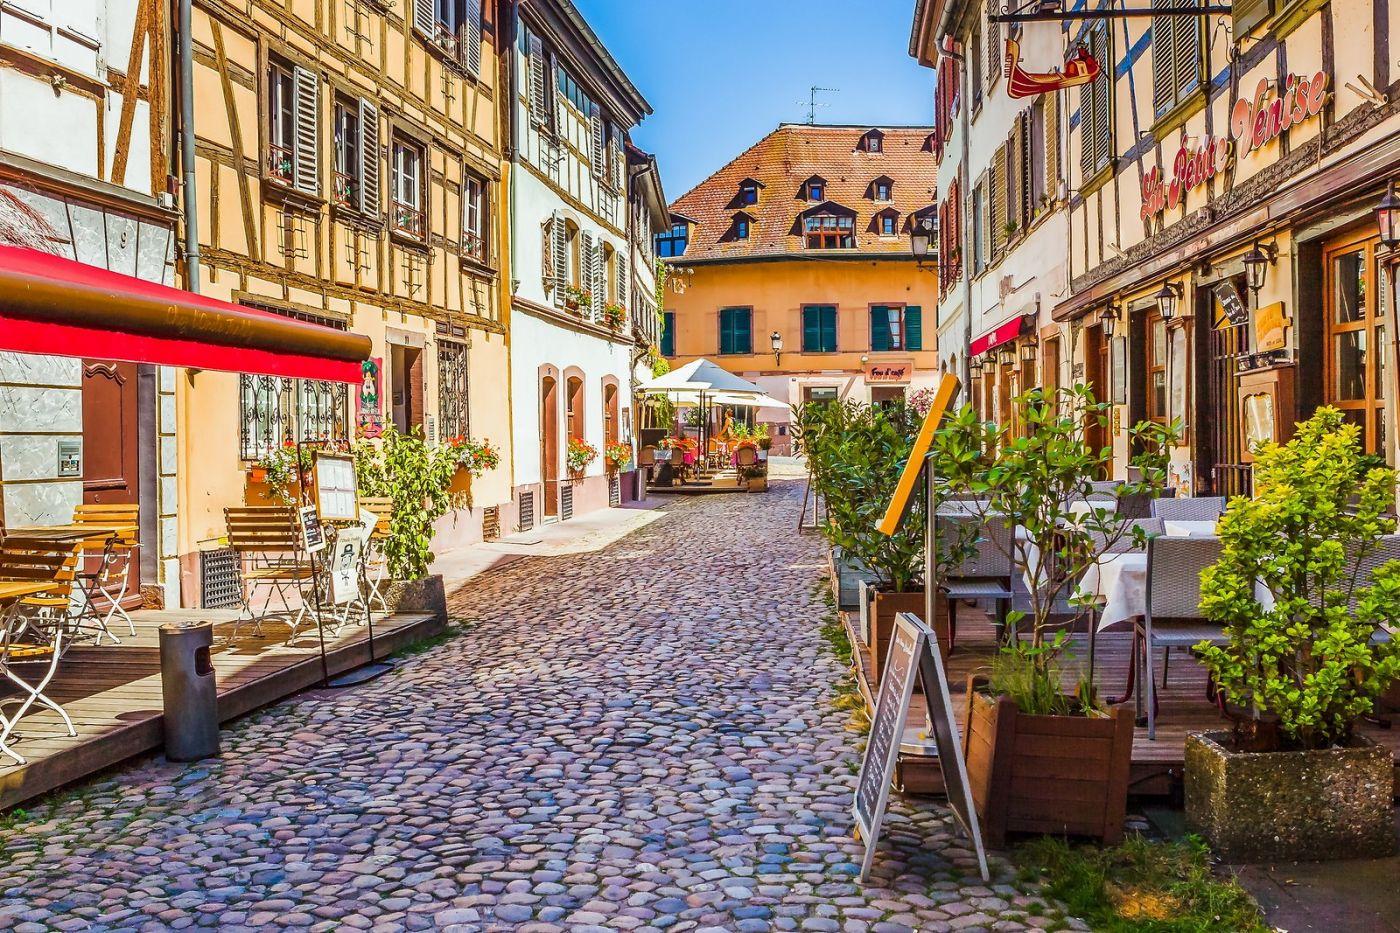 法国斯特拉斯堡(Strasbourg),边走边拍_图1-12